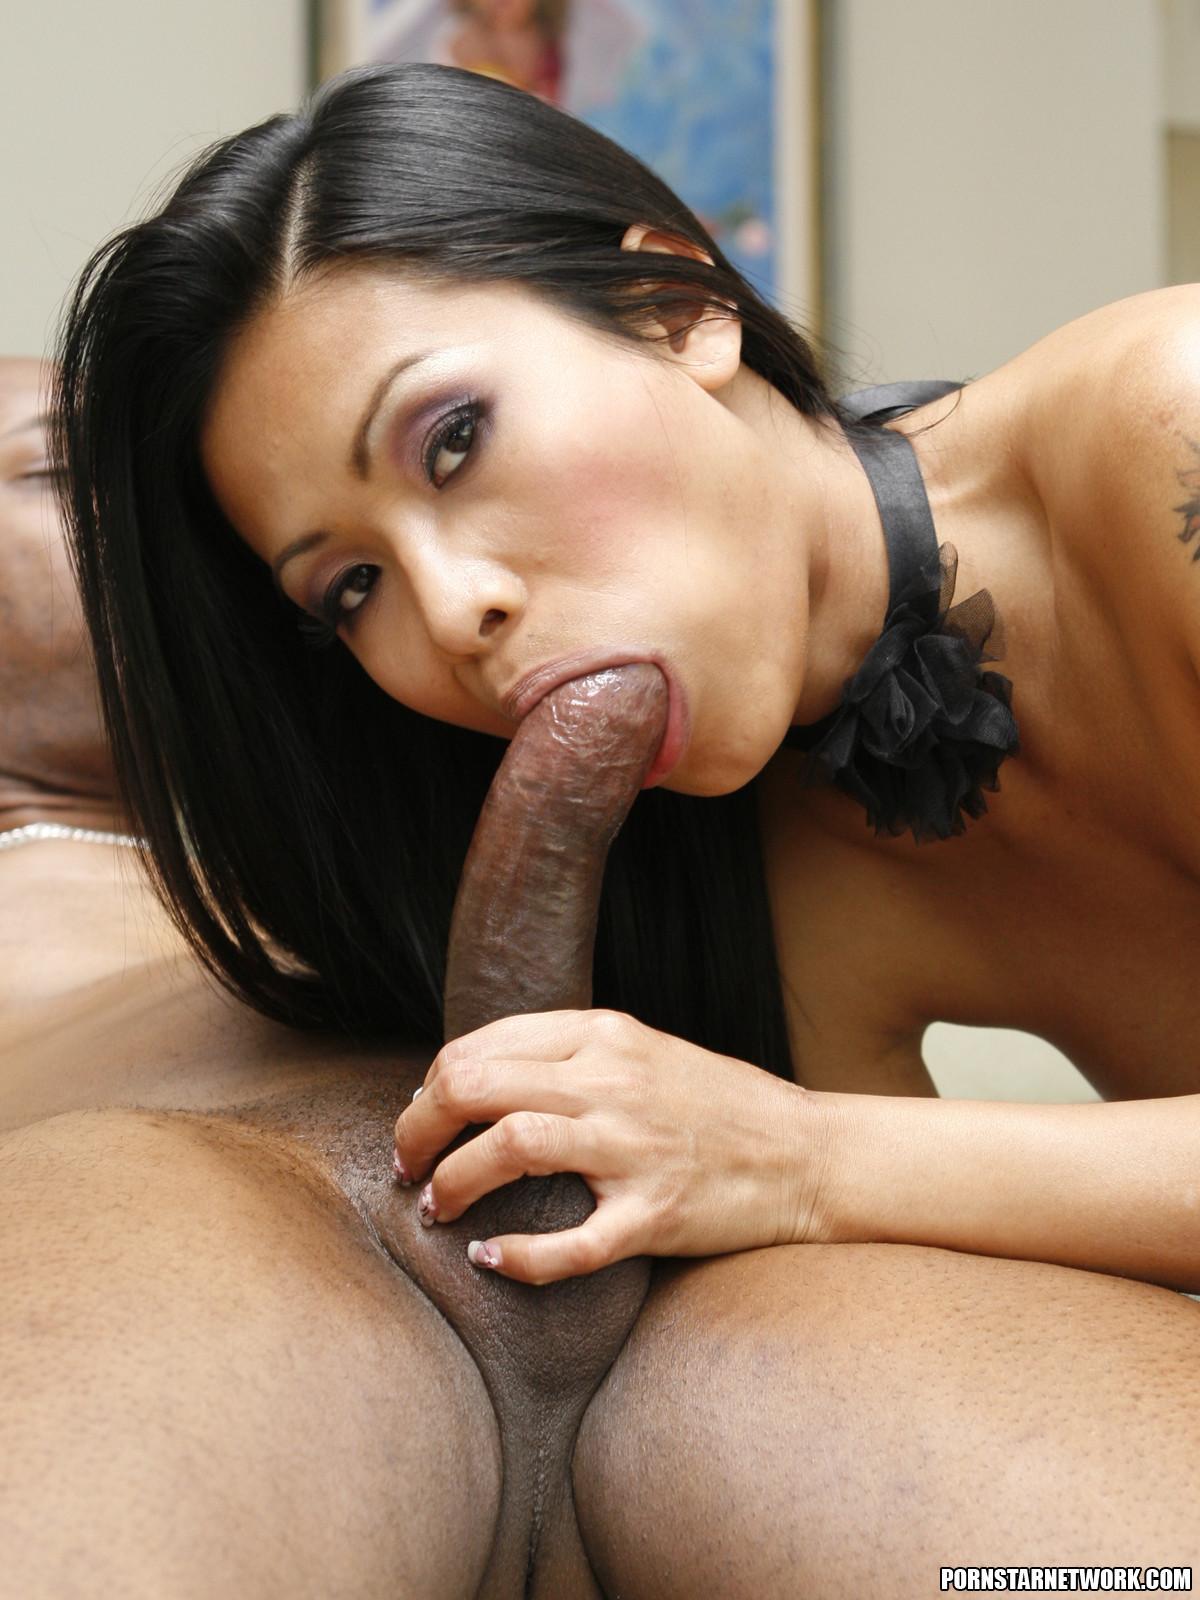 Азиатская мамаша с силиконовыми буферами ебется с негром